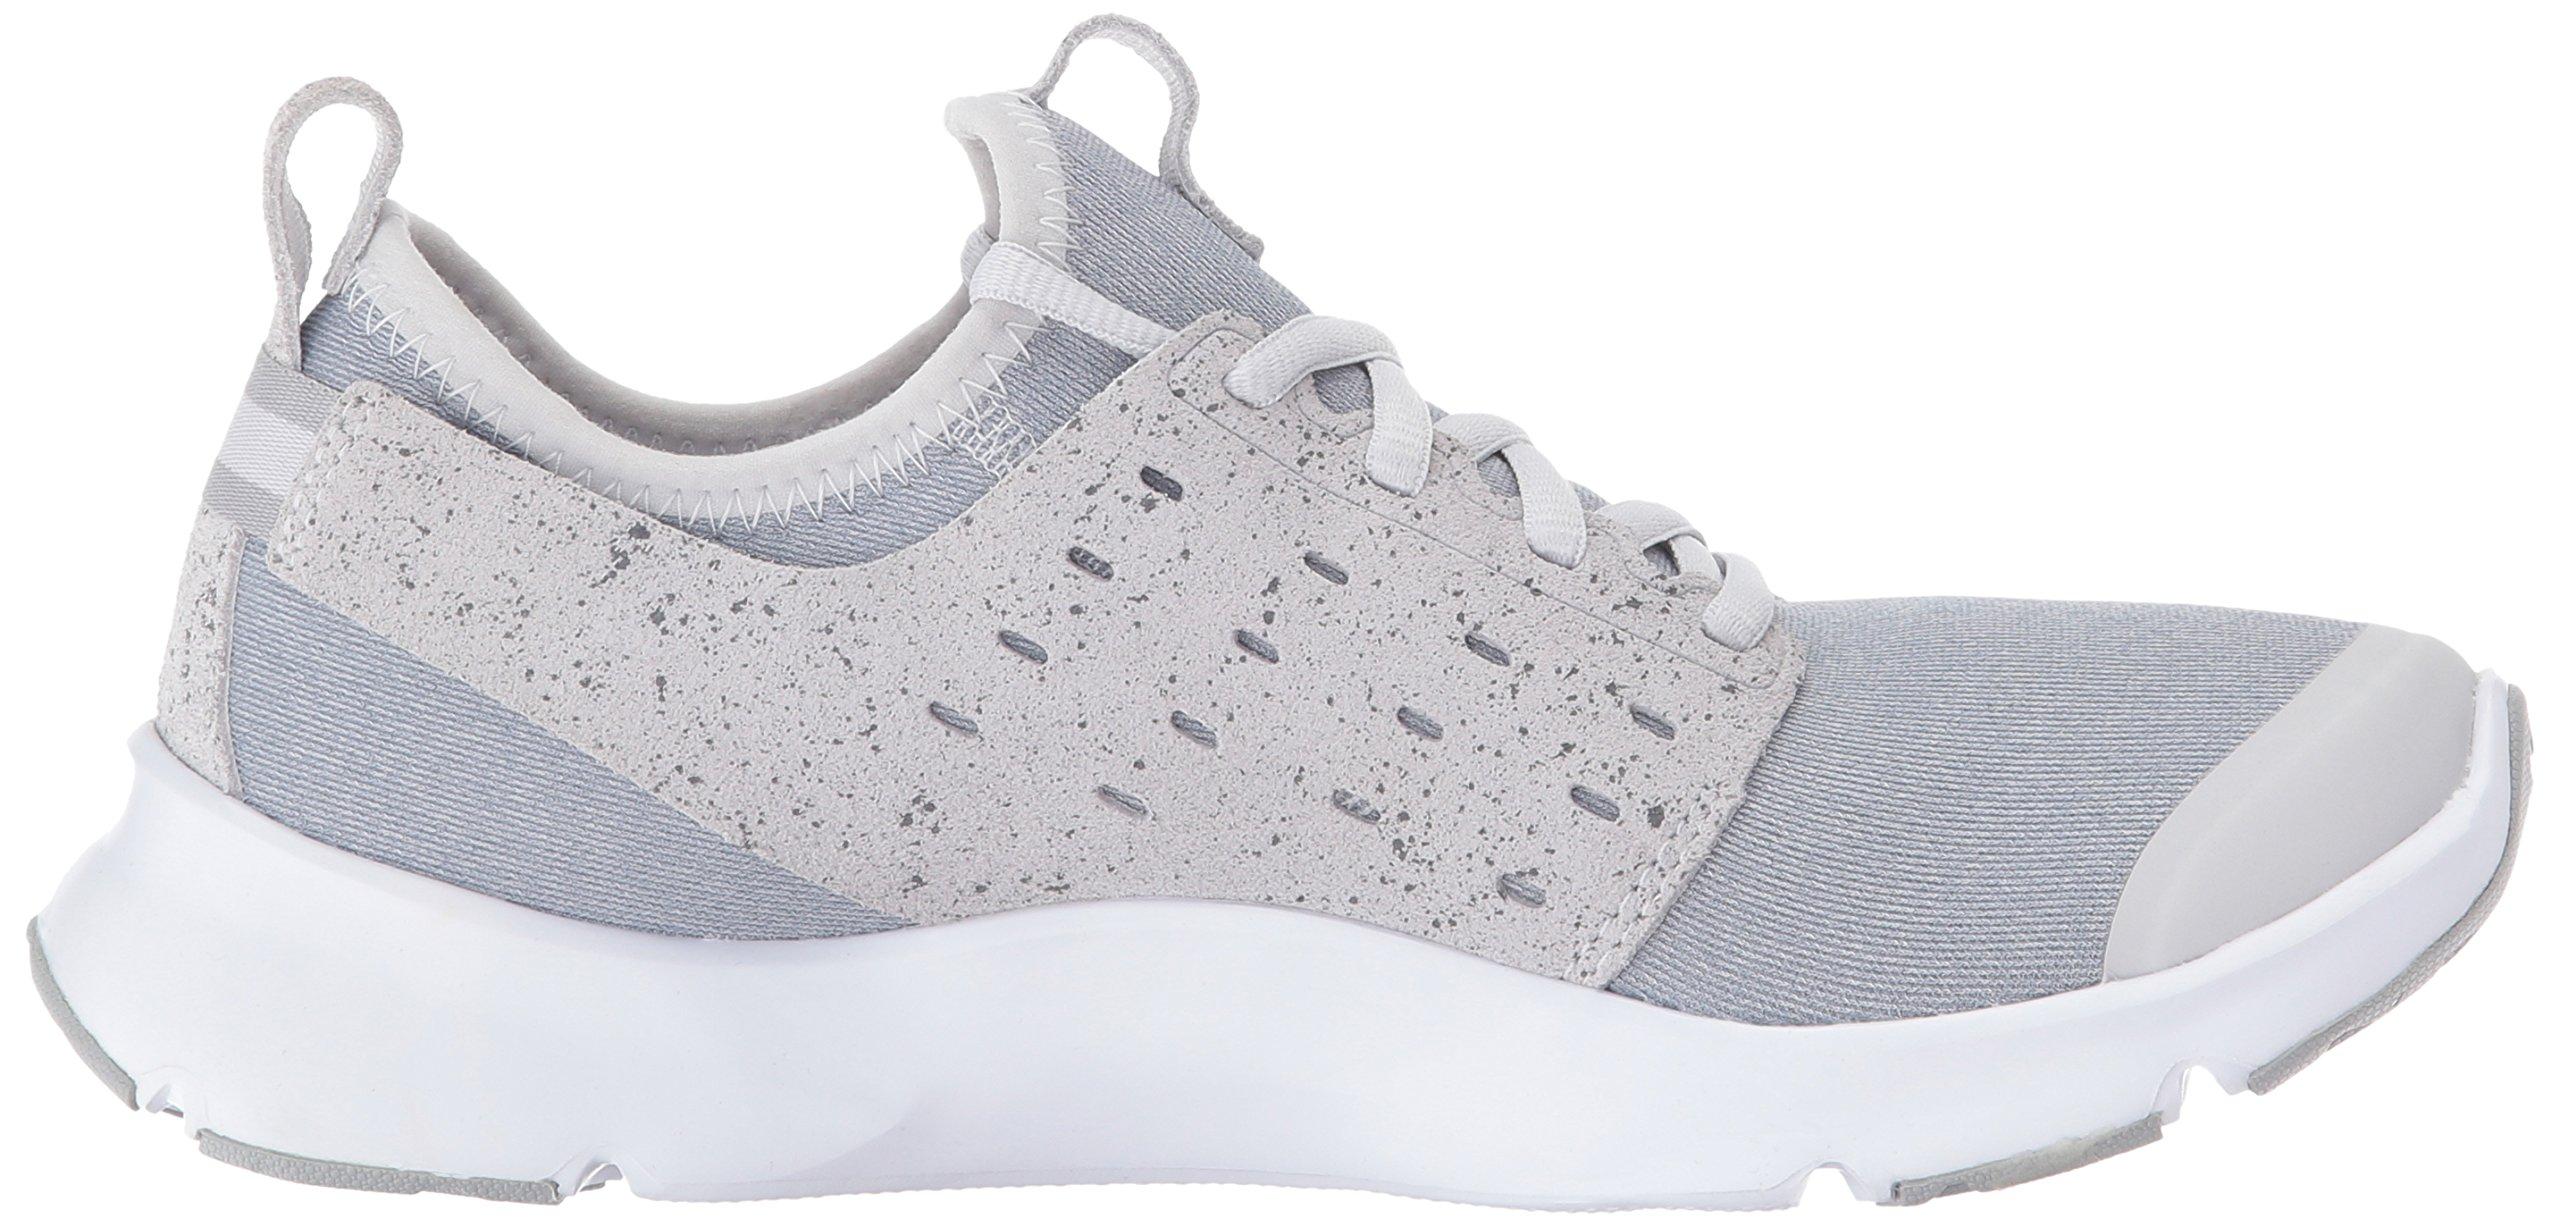 81OymsDDiQL - Under Armour Women's Drift Mineral Running Shoes